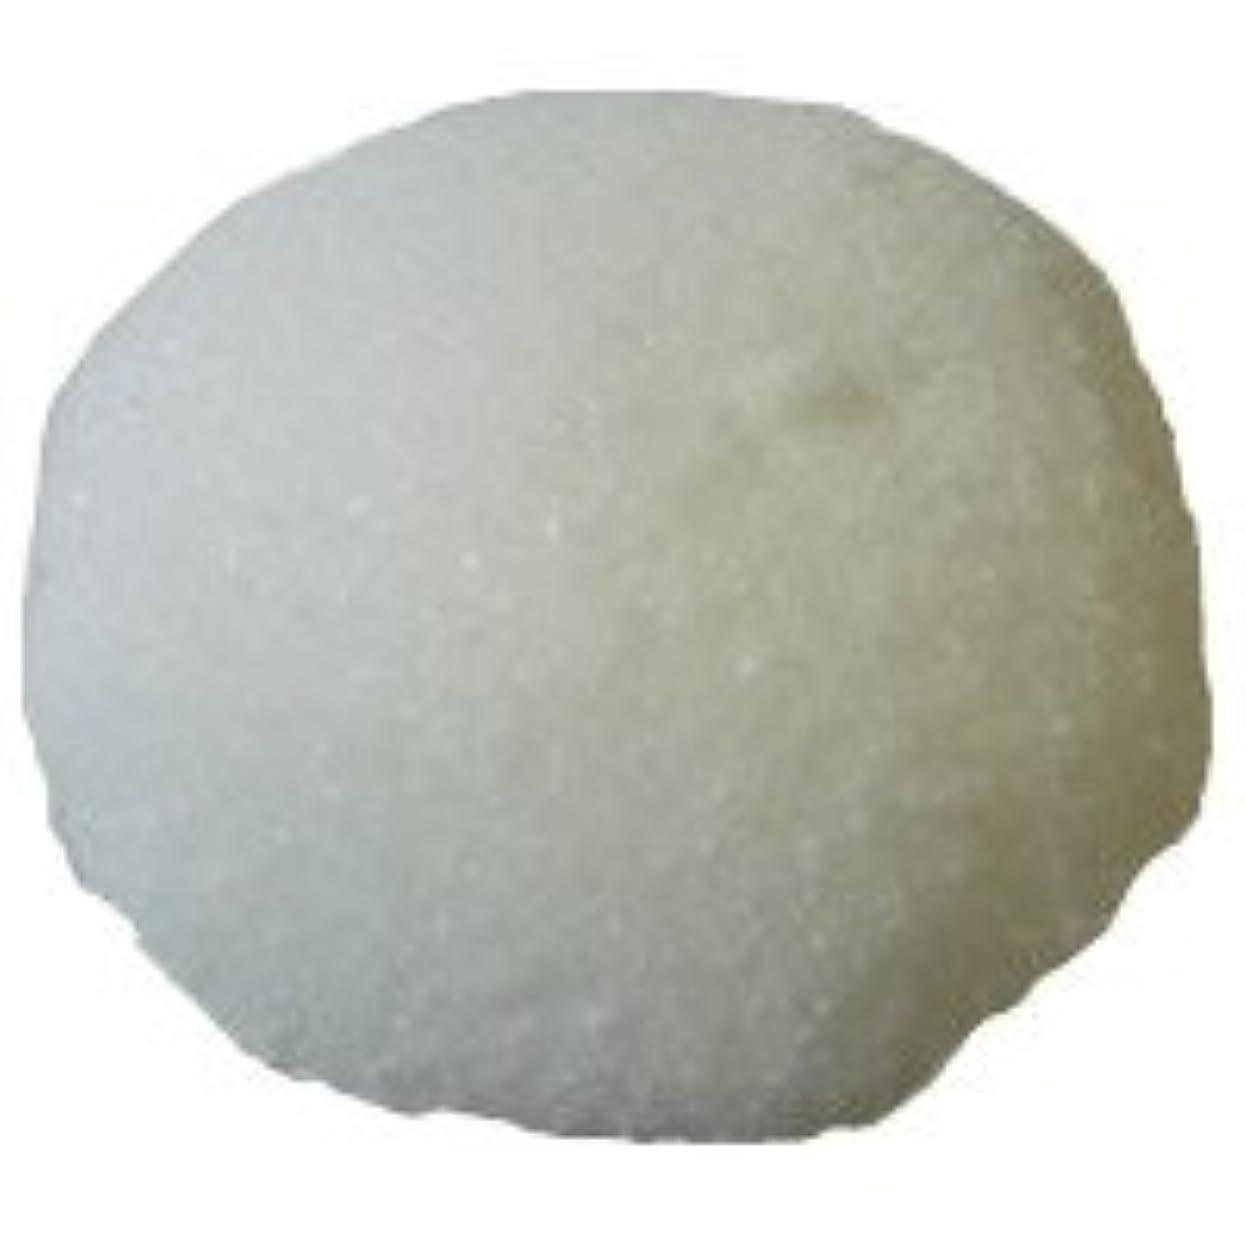 マイナー番目ミトンカリス成城 キャンドルの素 1kg